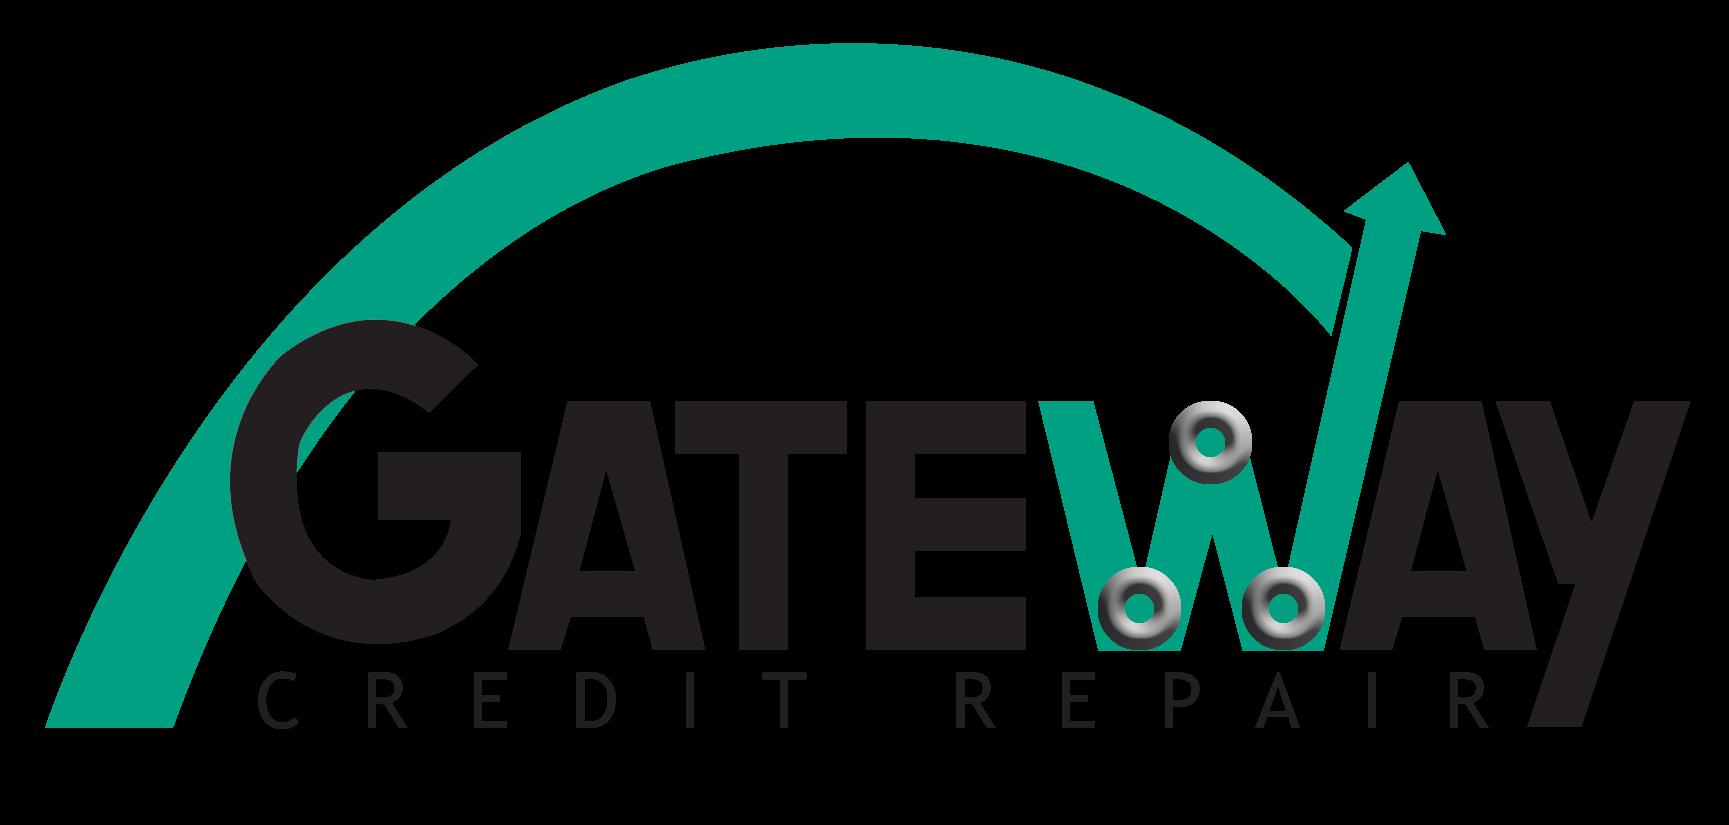 Gateway Credit Repair